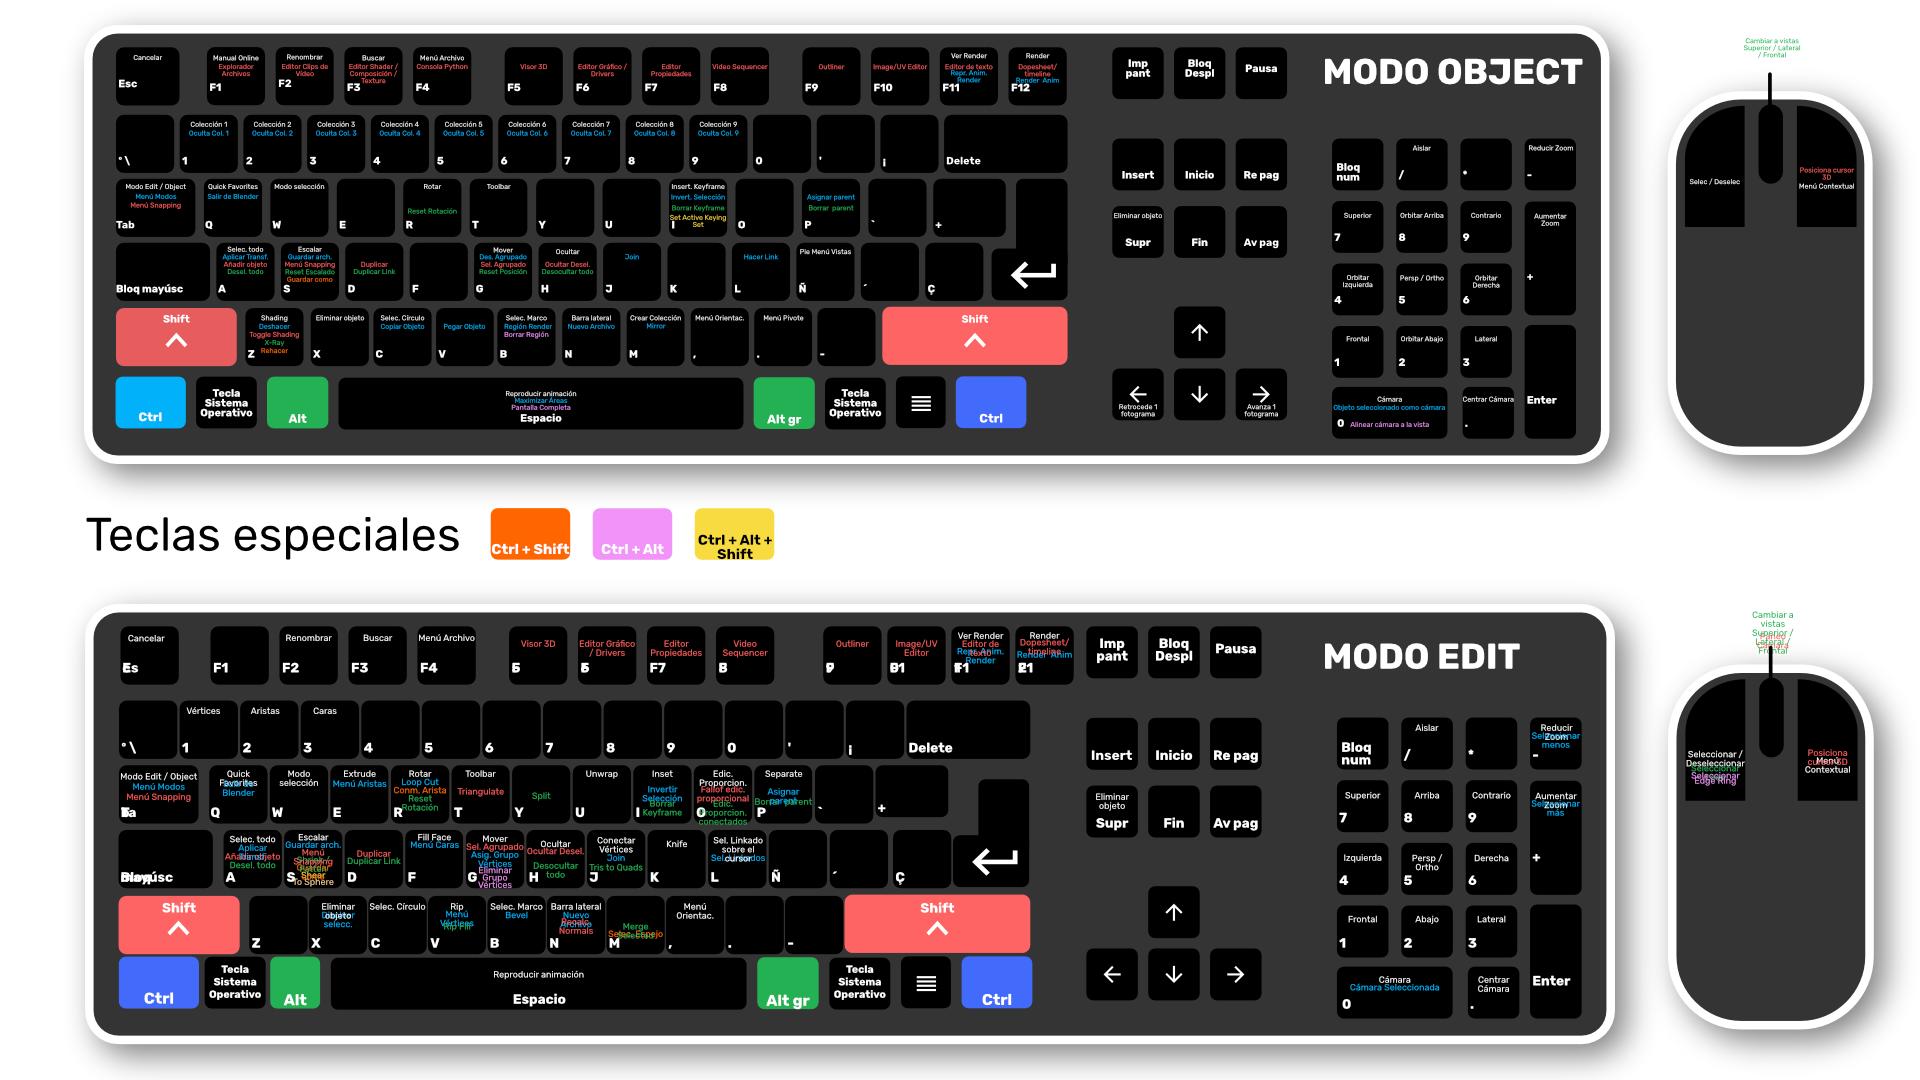 mapa de teclado de blender 280 descargar